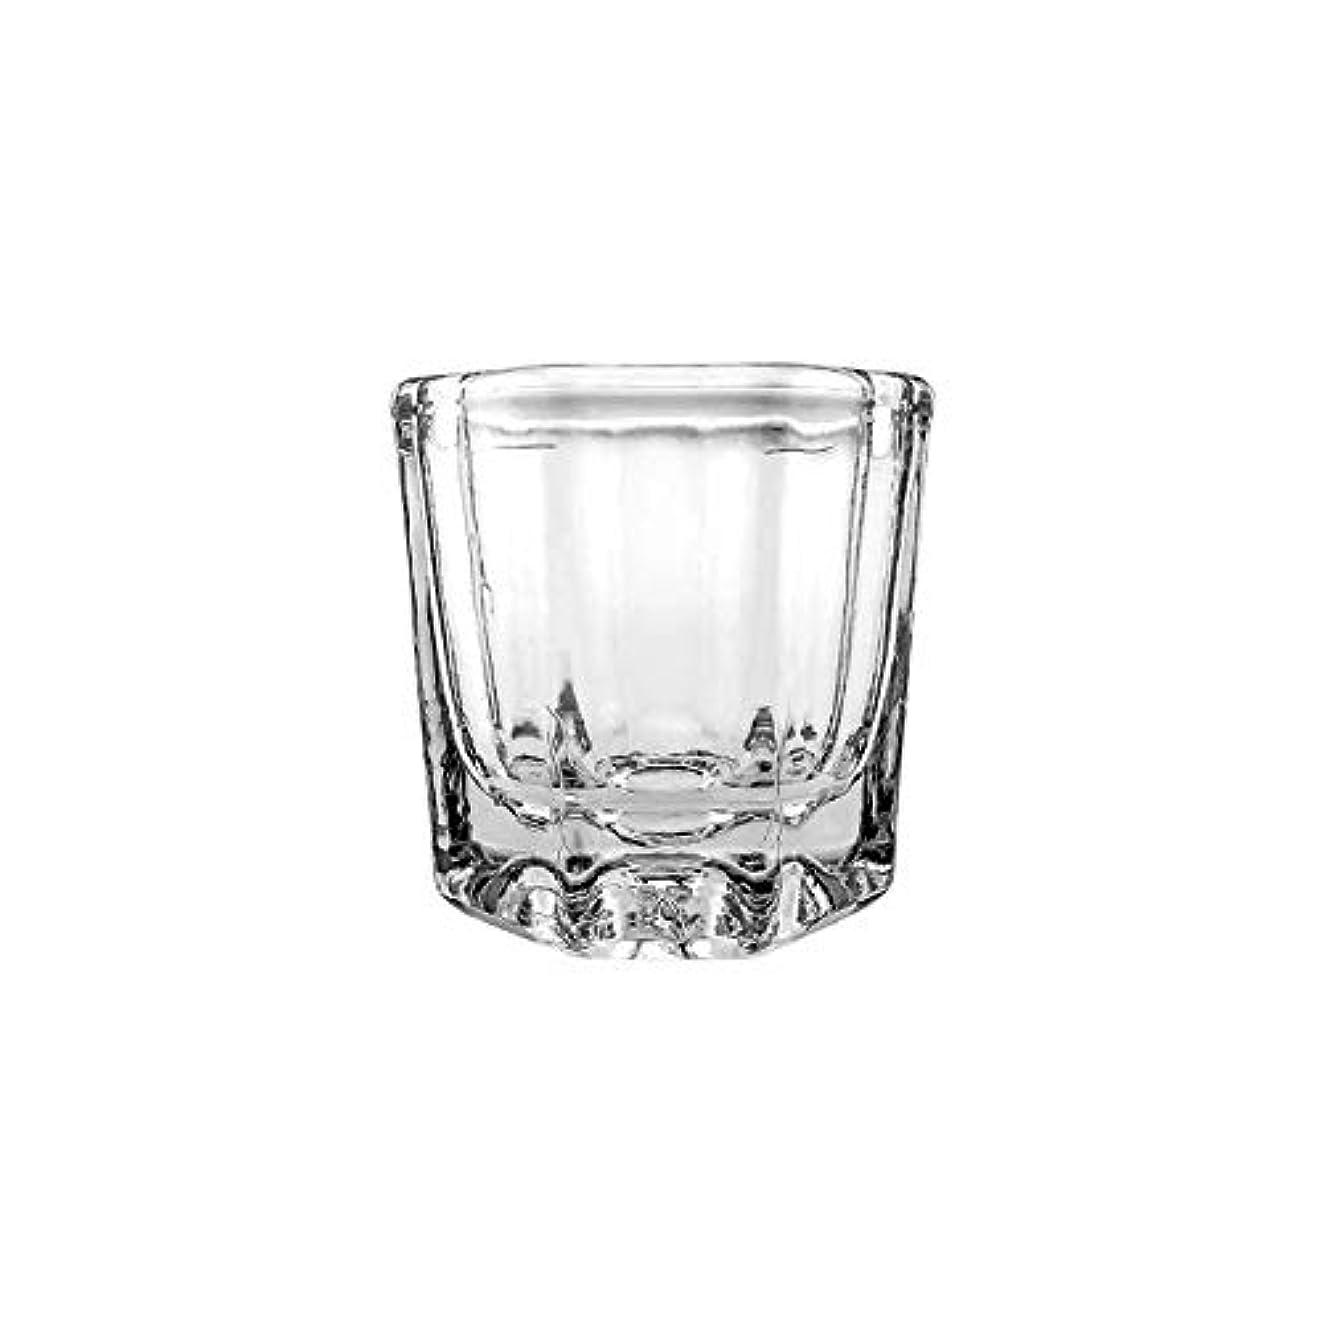 瞳誰か意味のあるLALONA ダッペンディッシュ (ガラス製) (耐溶剤) ジェルネイル スカルプチュア ブラシの洗浄に